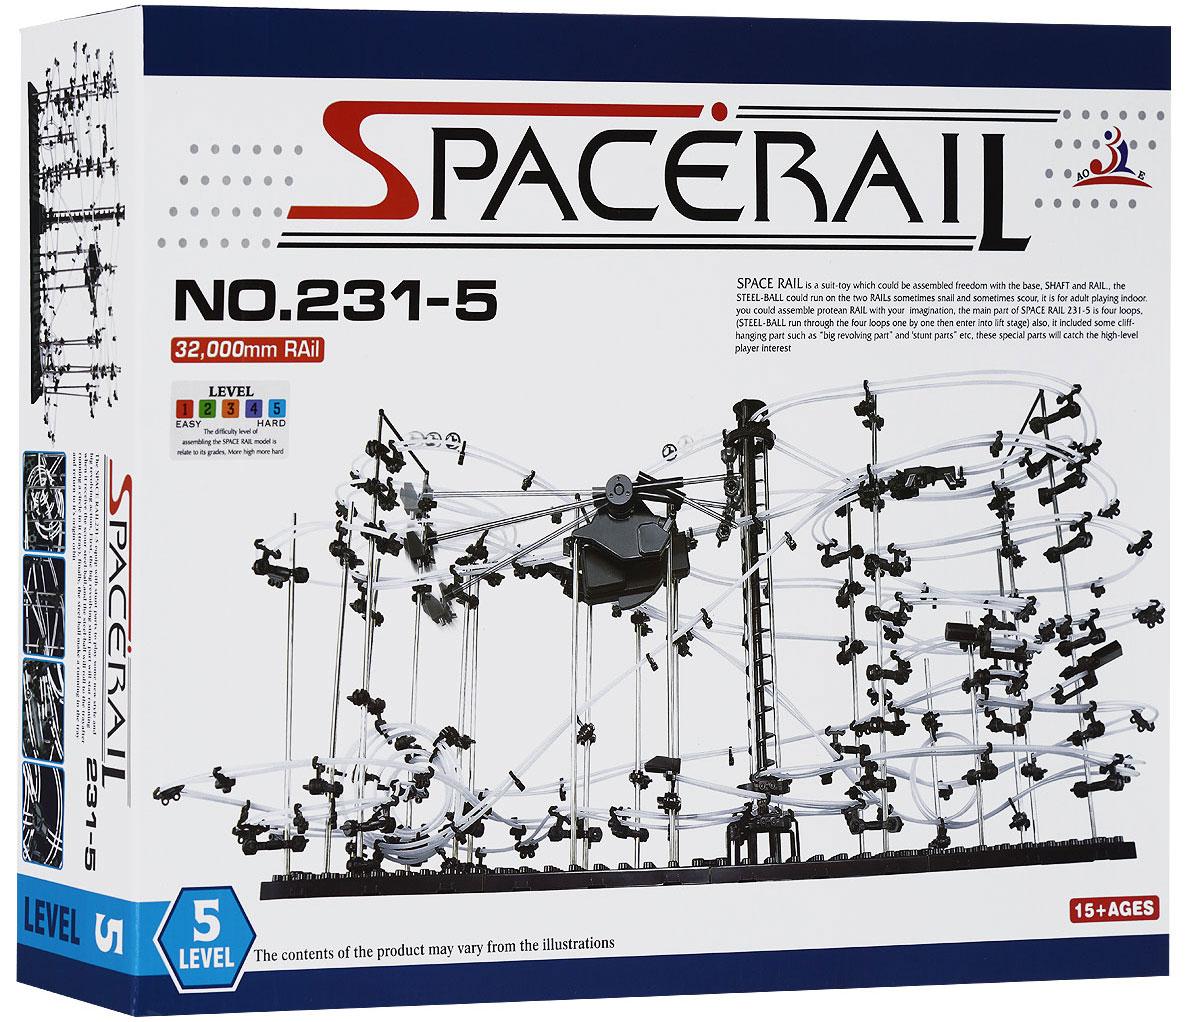 Space Rail Конструктор Уровень 5 231-5231-5Конструктор Space Rail - космическая трасса, представляет собой отличную пространственную головоломку, которая увлечет всю семью от мала до велика! Процесс сборки доставит удовольствие и детям, и родителям, а запуск космической трассы приведет всех в восторг. Вы сможете построить захватывающие дороги общей длиной до 32 метров и сами задать траектории, по которым стремительно будут проноситься металлические шарики. Это интереснейший аттракцион, напоминающий американские горки, за которым можно наблюдать часами. Комплект включает элементы для сборки модели, 5 металлических шариков и схематичную инструкцию (на китайском и английском языках). Сборка конструктора поможет ребенку развить пространственное мышление и фантазию. Собранная модель станет изюминкой вашего дома и привлечет внимание окружающих. Вы и ваш ребенок сможете гордиться тем, что самостоятельно собрали такой аттракцион. Характеристики: Материал: пластик, металл. ...